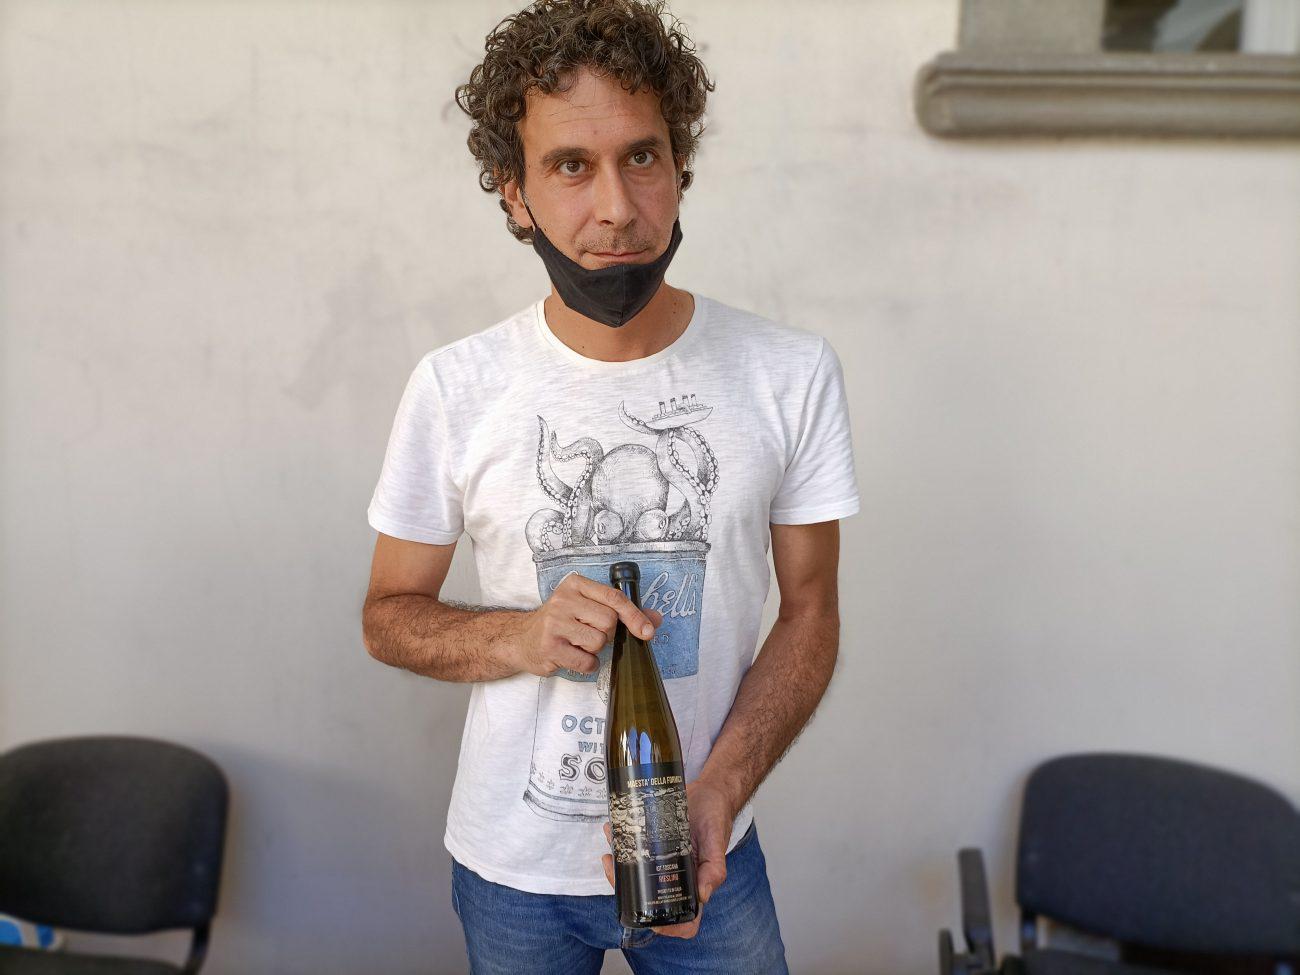 Andrea Elmi, Maestà della formica Riesling migliori assaggi Grandi Cru della Costa Toscana